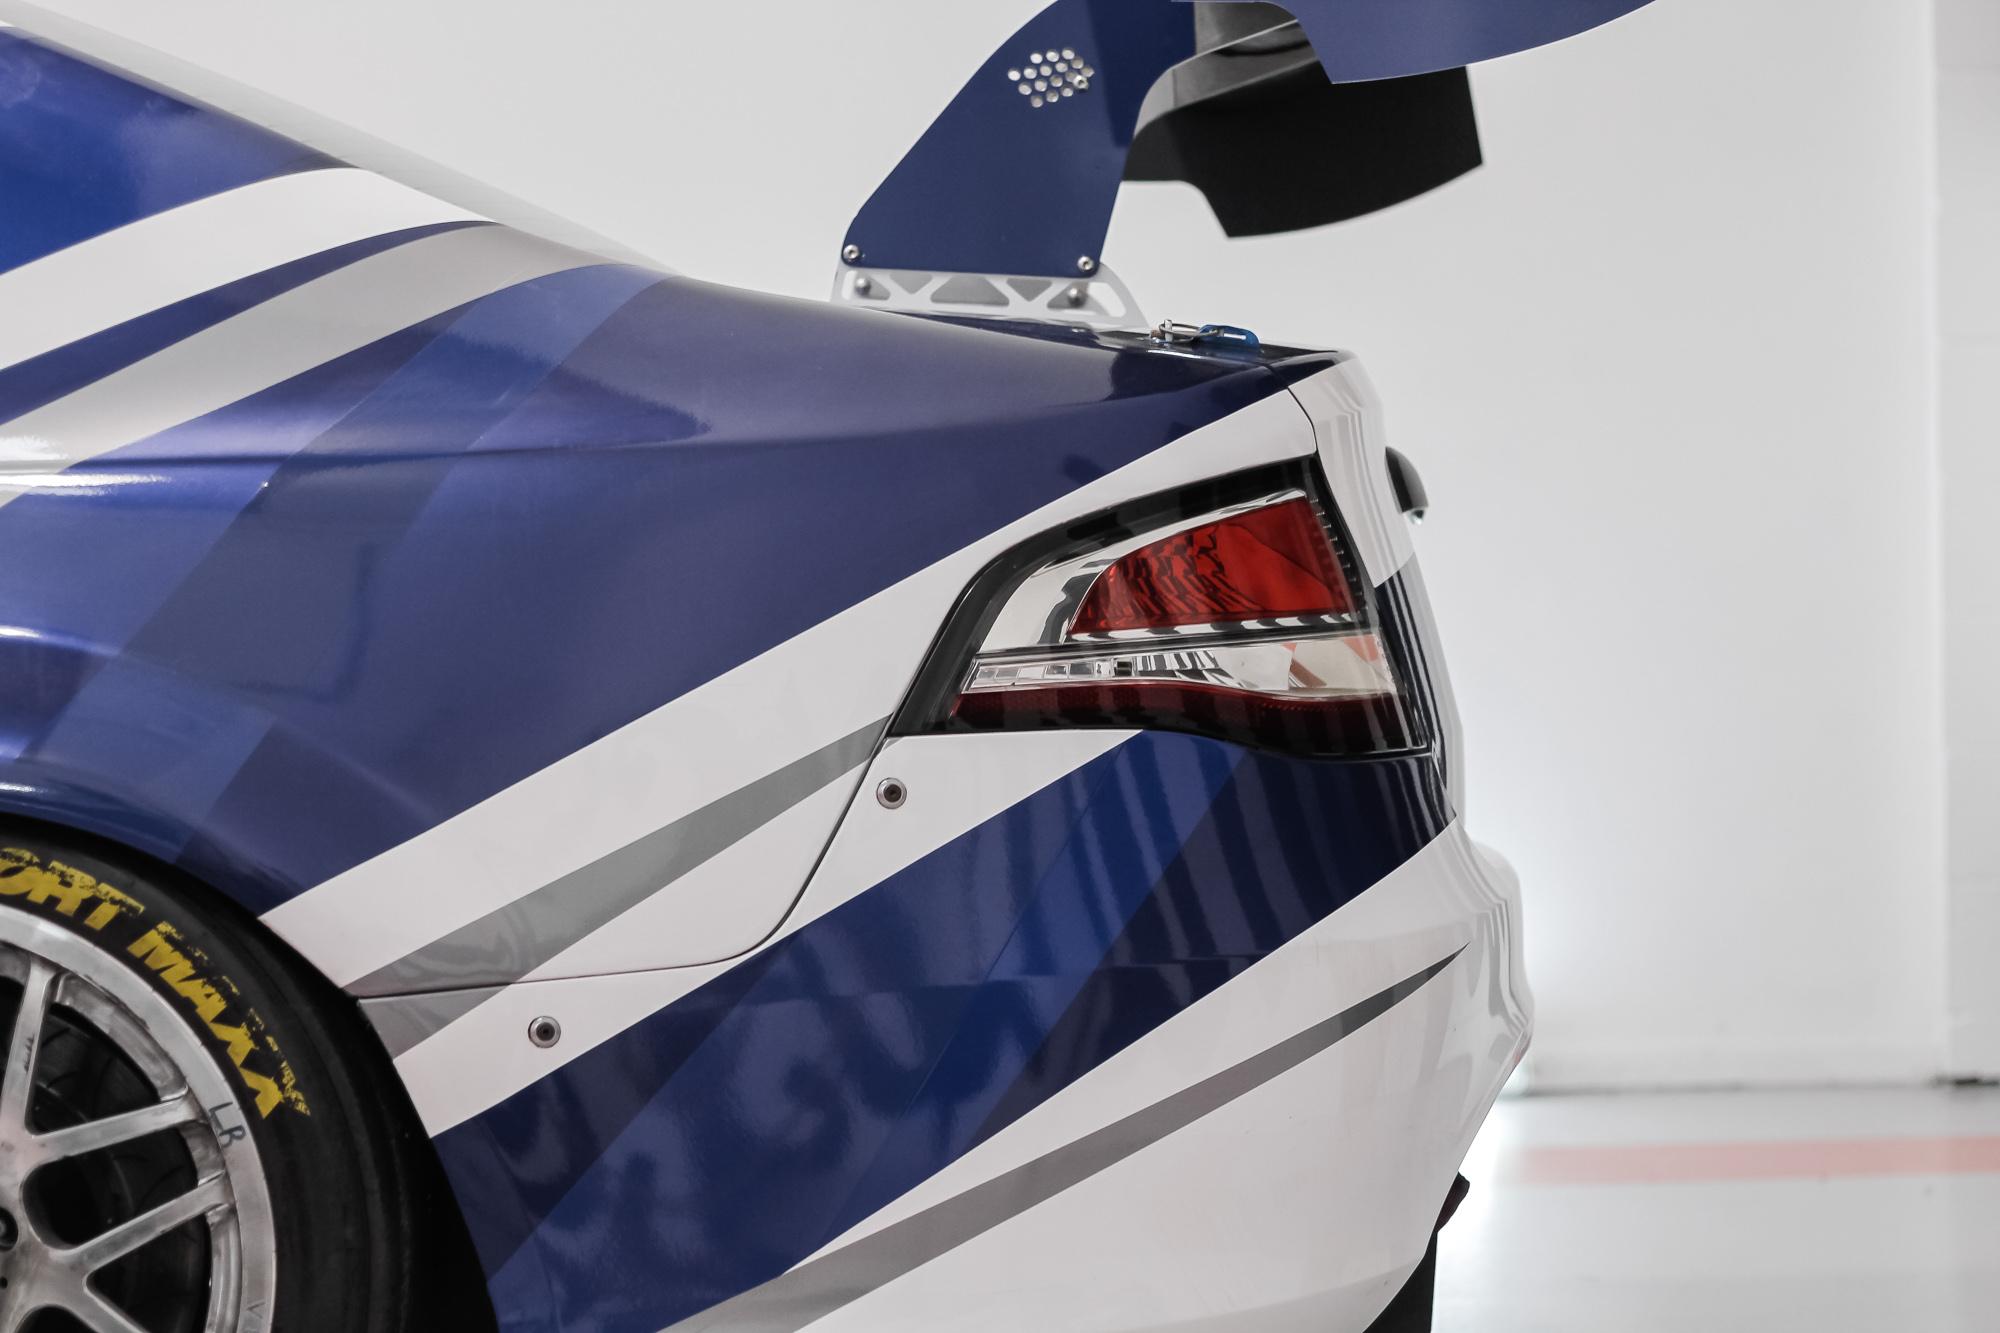 Ford V8 Signage